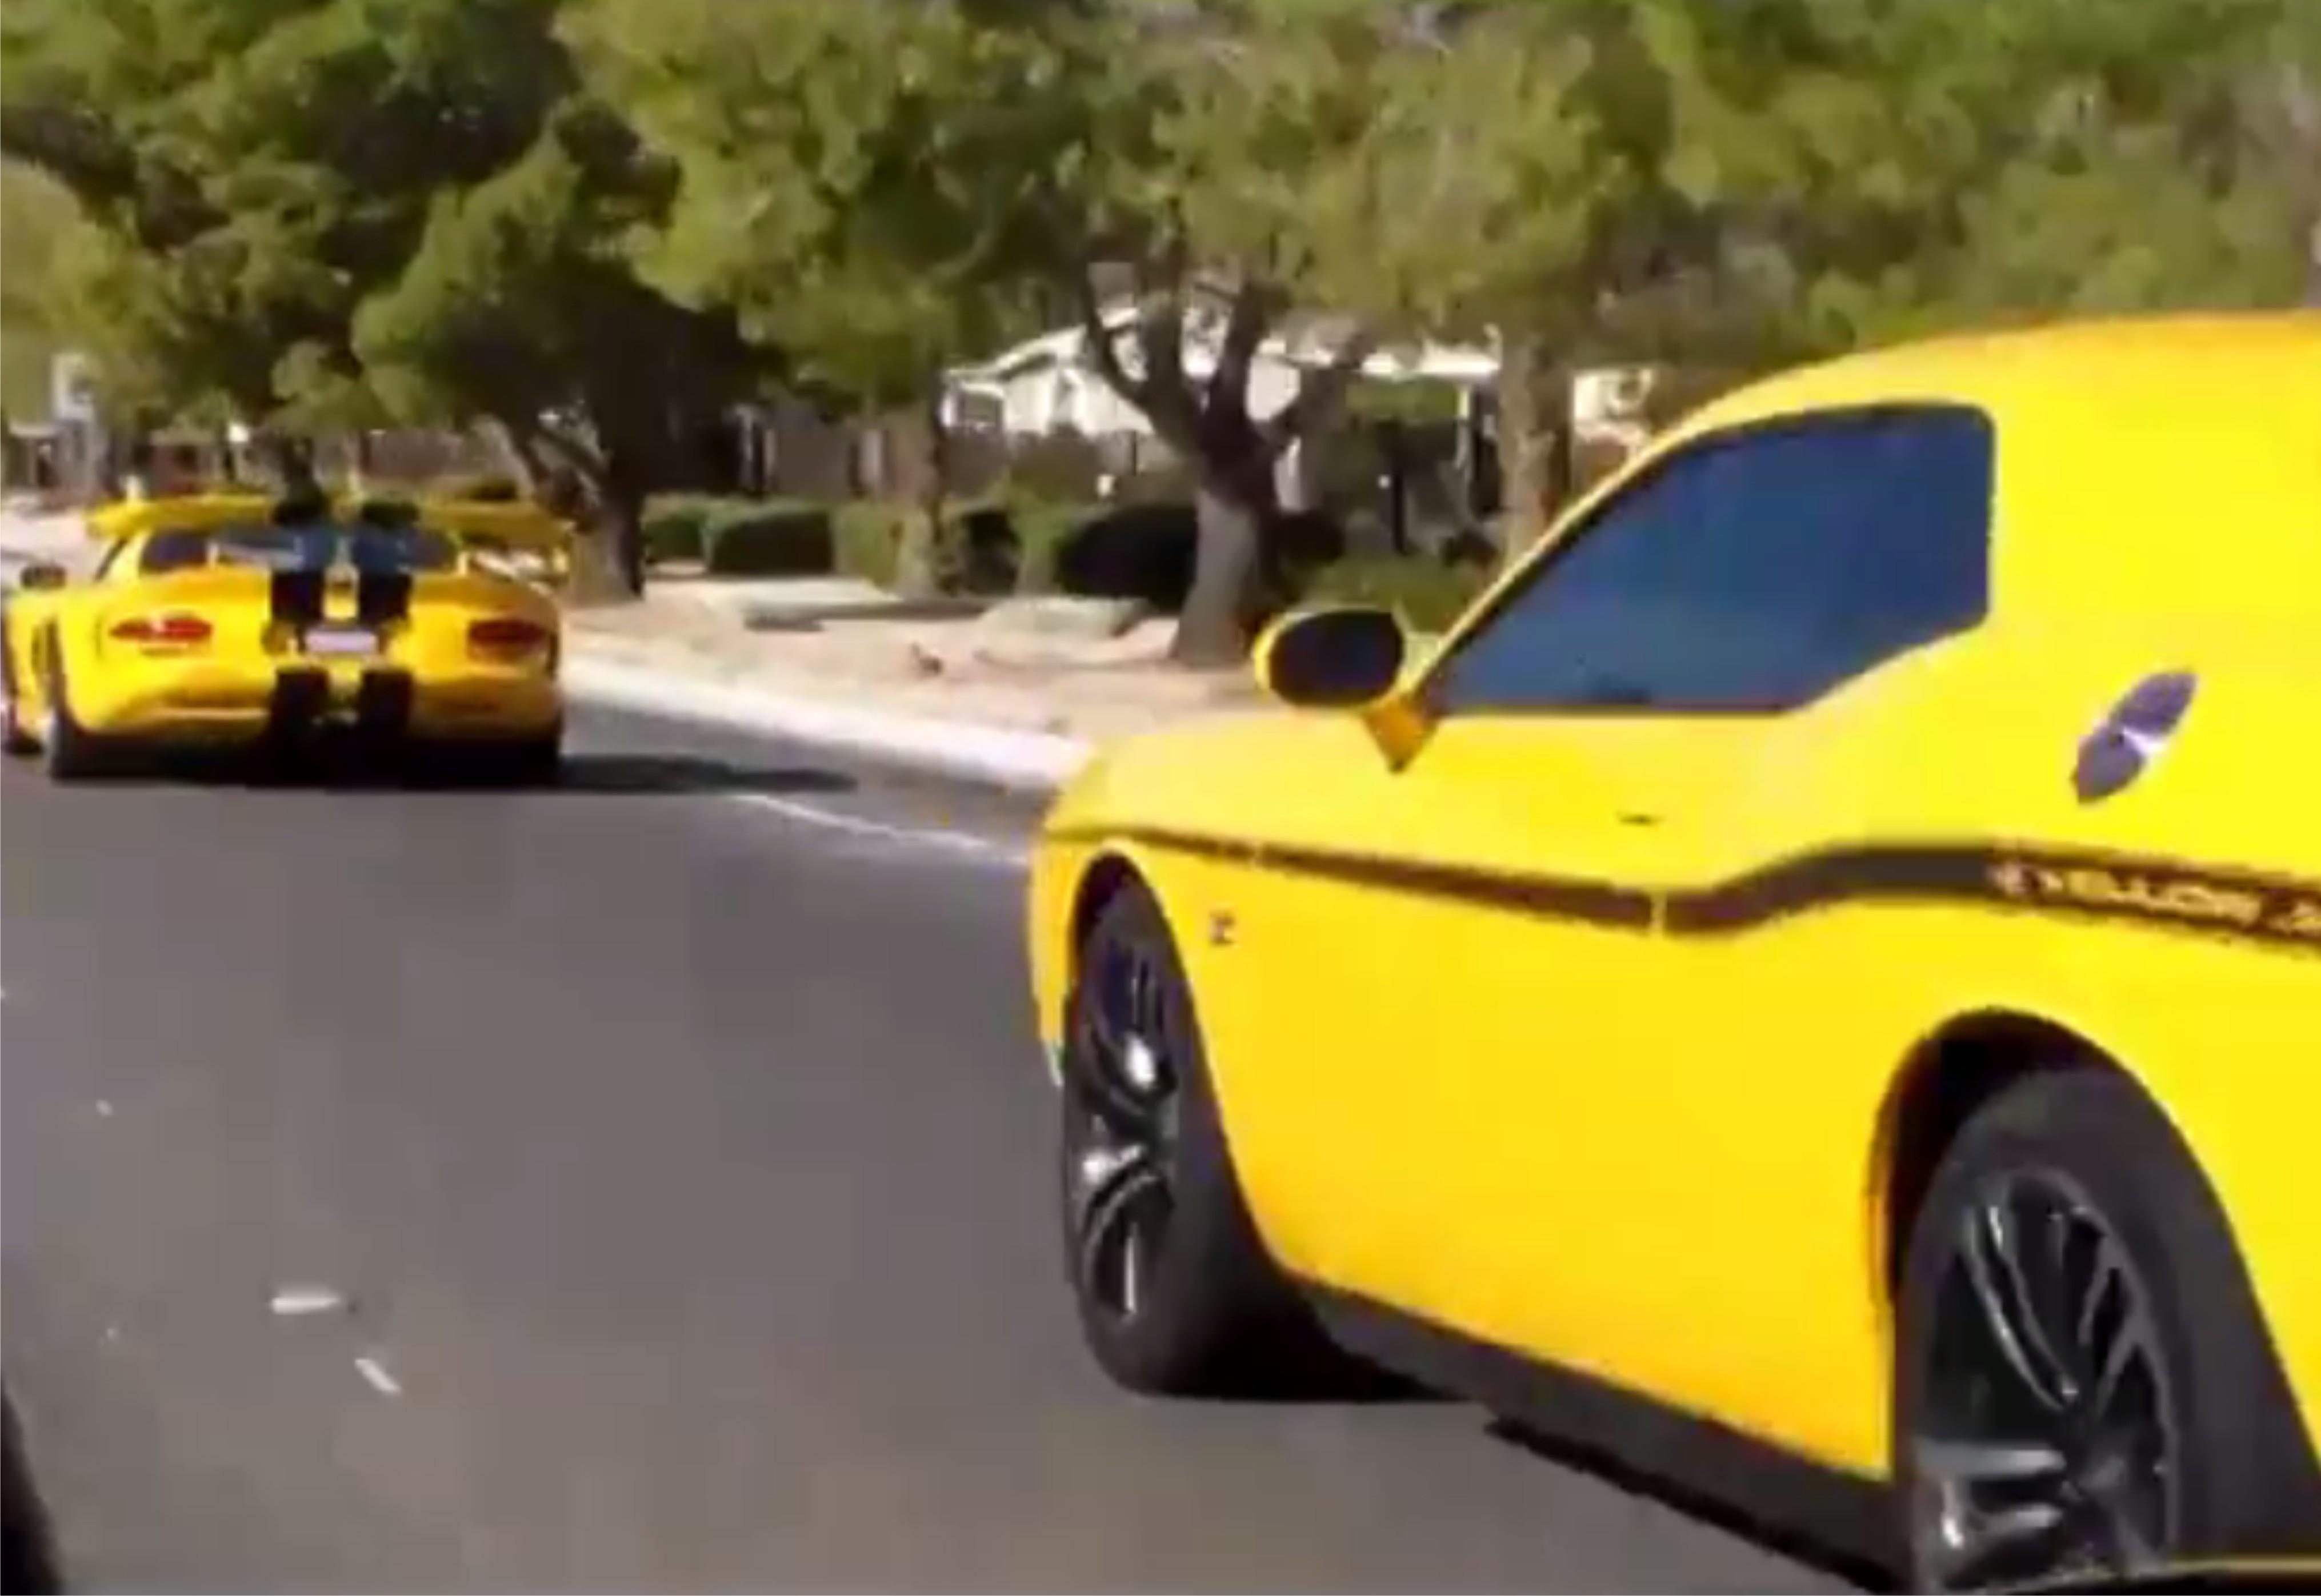 Dodge Challanger SRT, Shaker, Viper